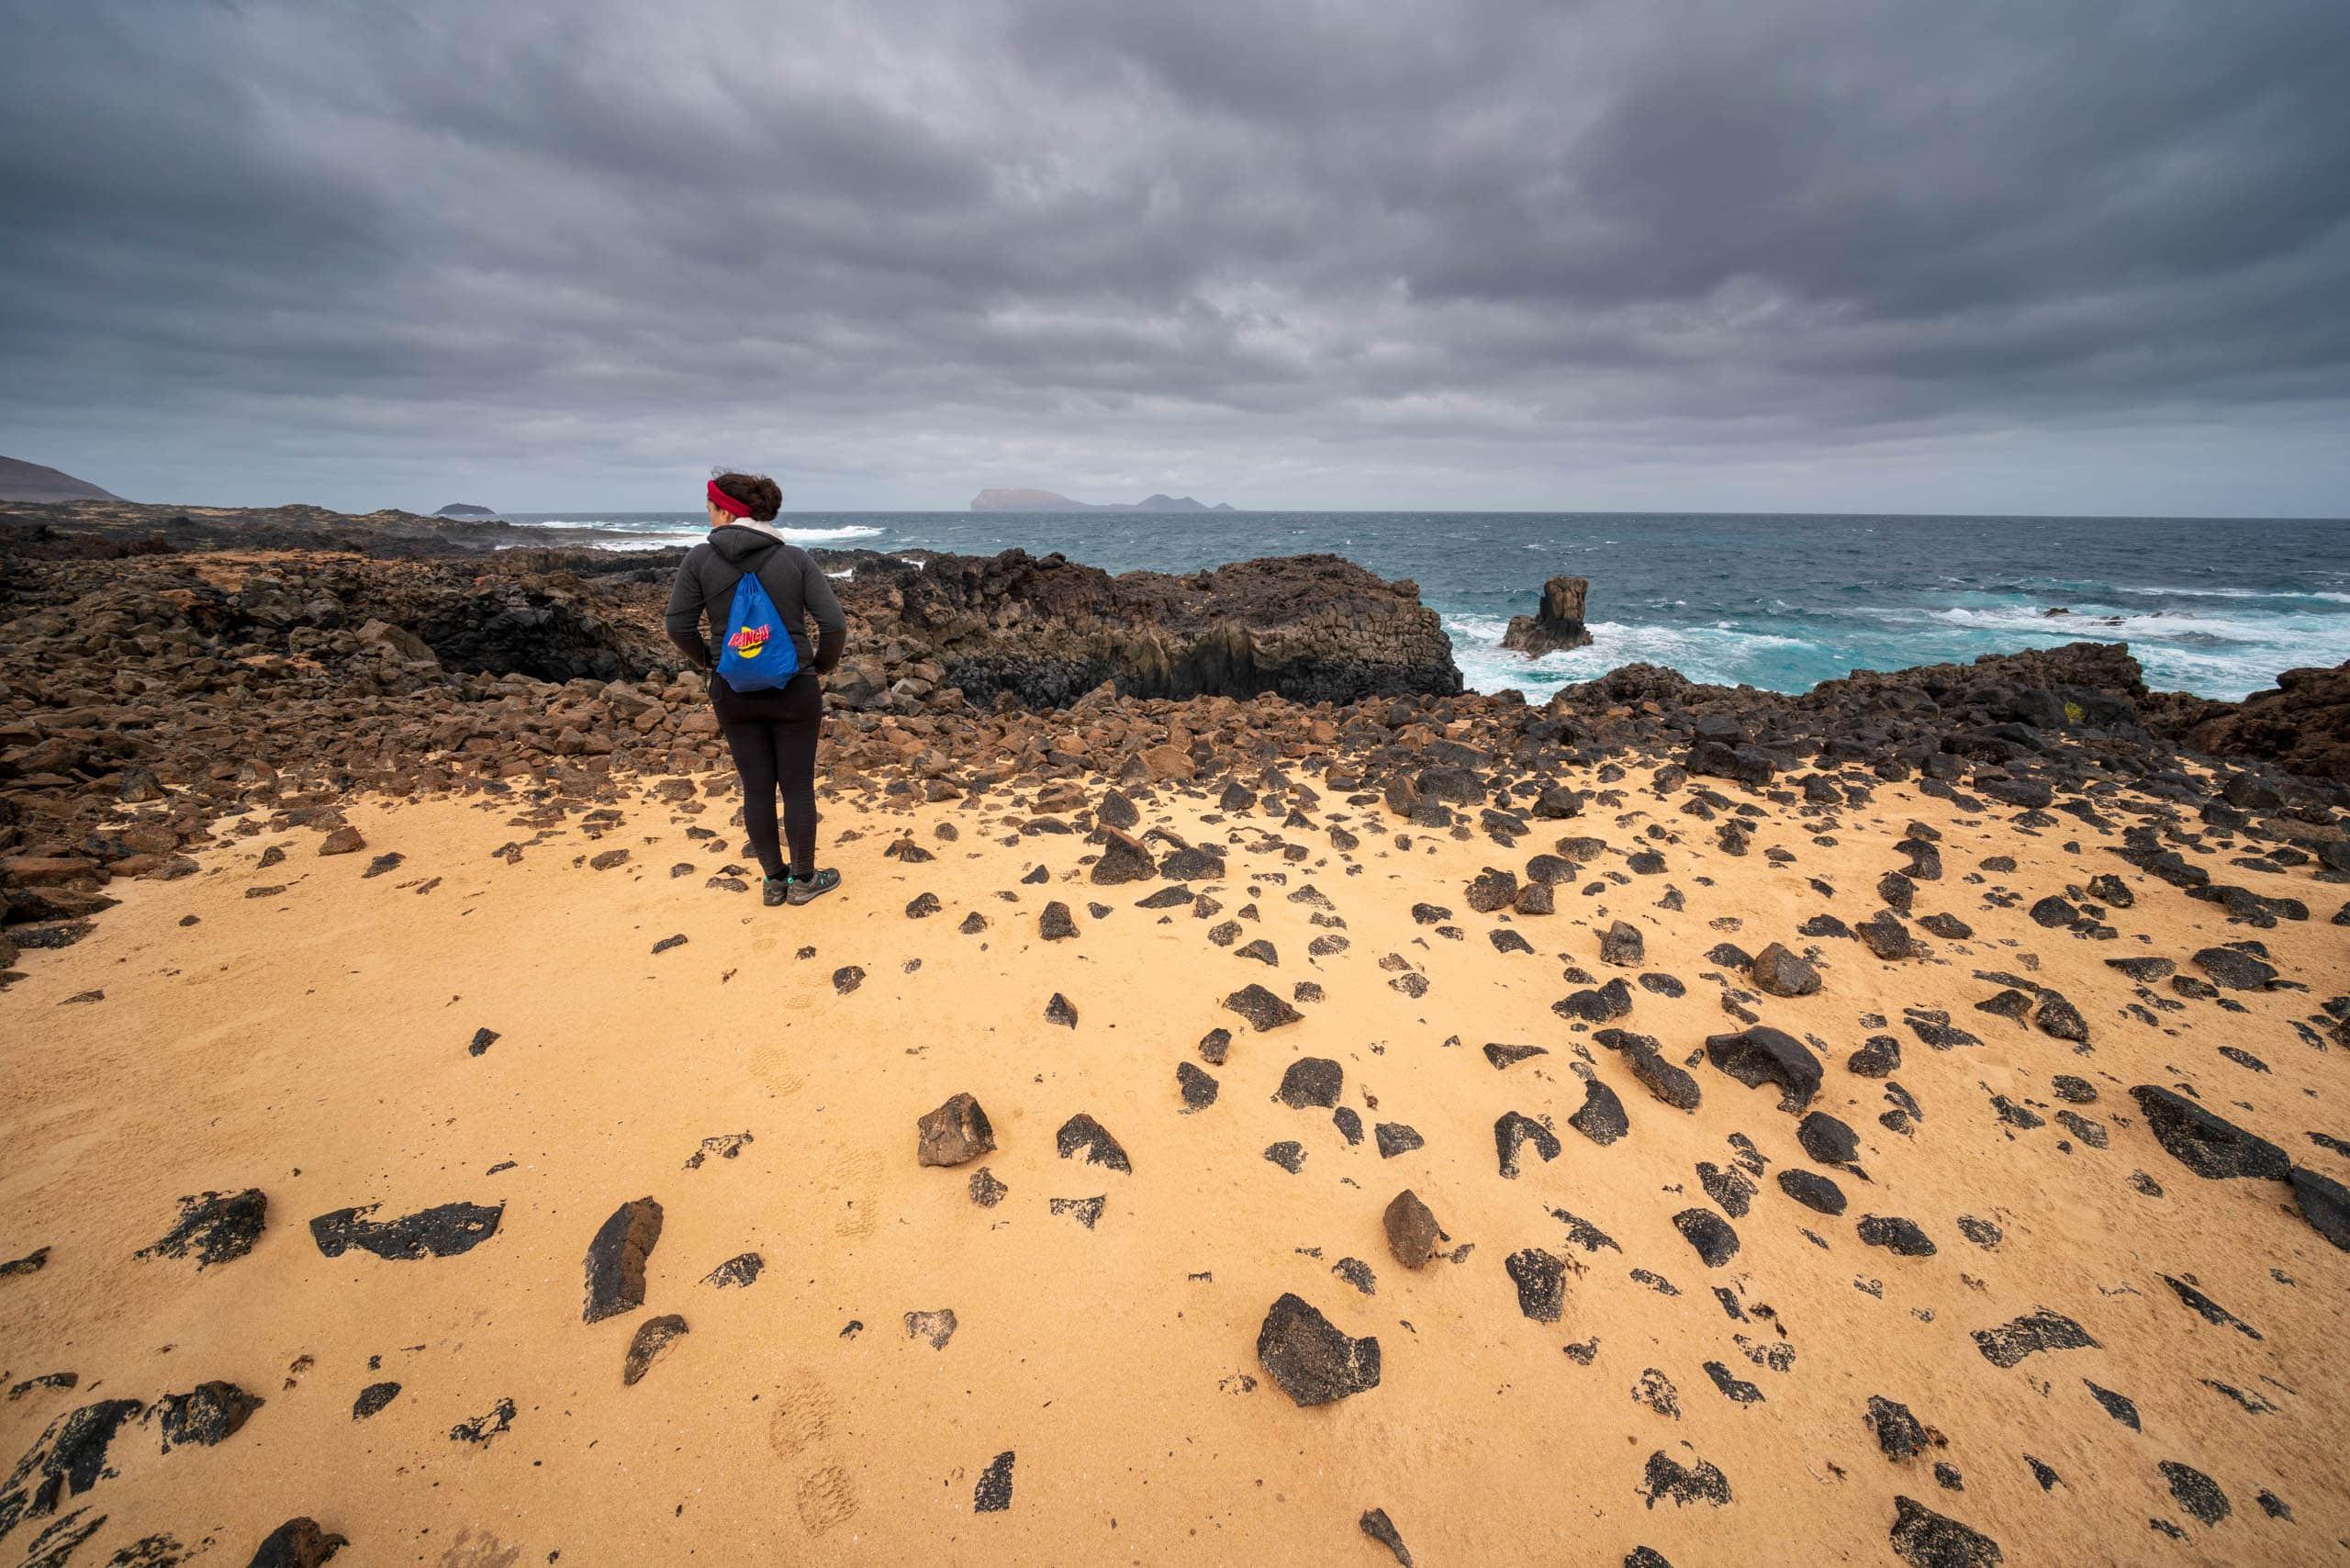 Beach in La Graciosa | f/8 1/320sec ISO-100 12mm